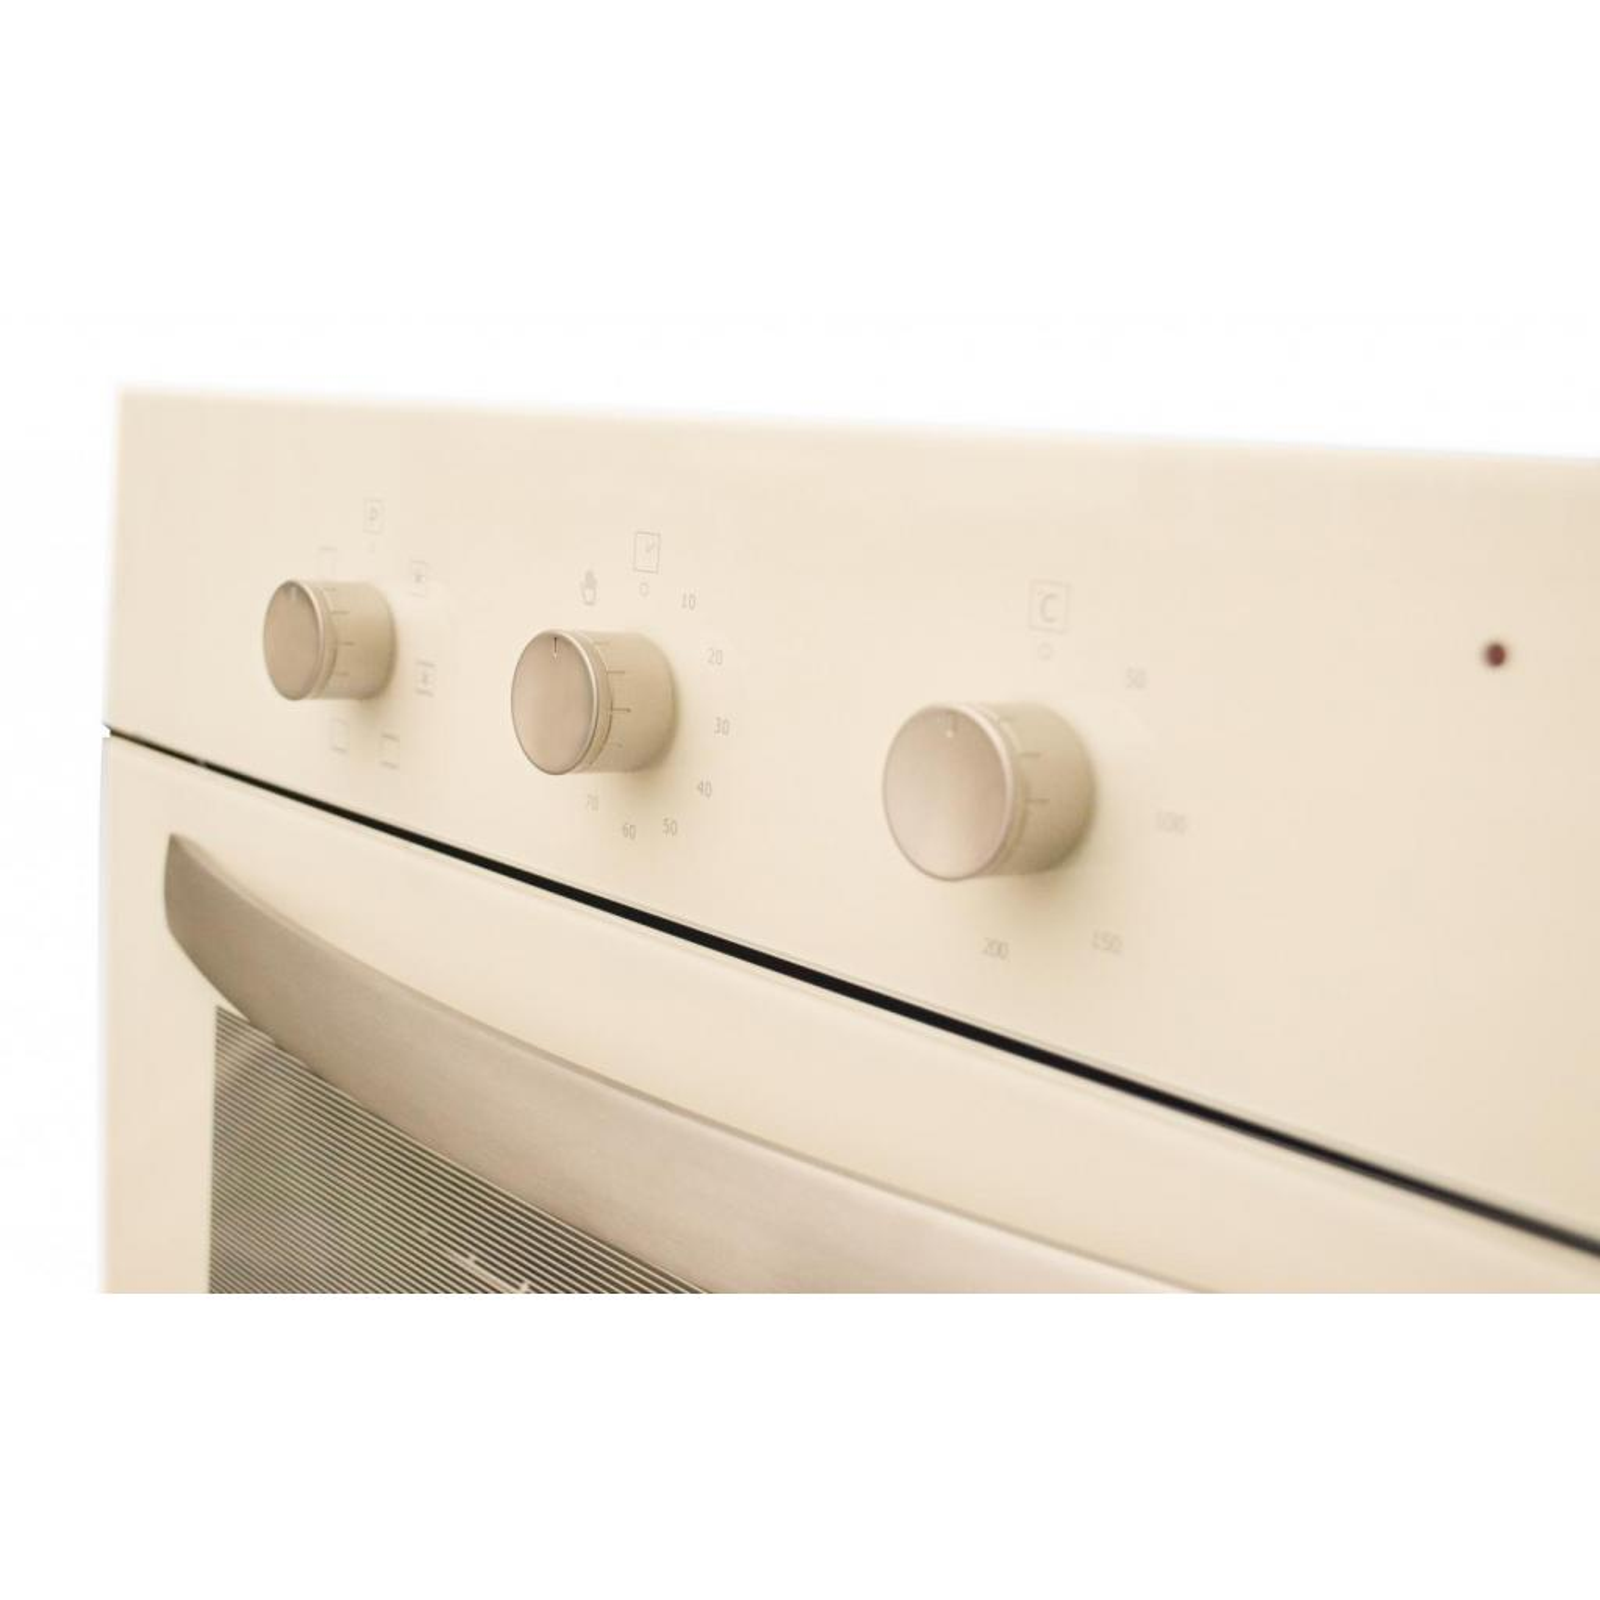 Духовой шкаф Borgio OFA 100.00 (Ivory Glass) изображение 3